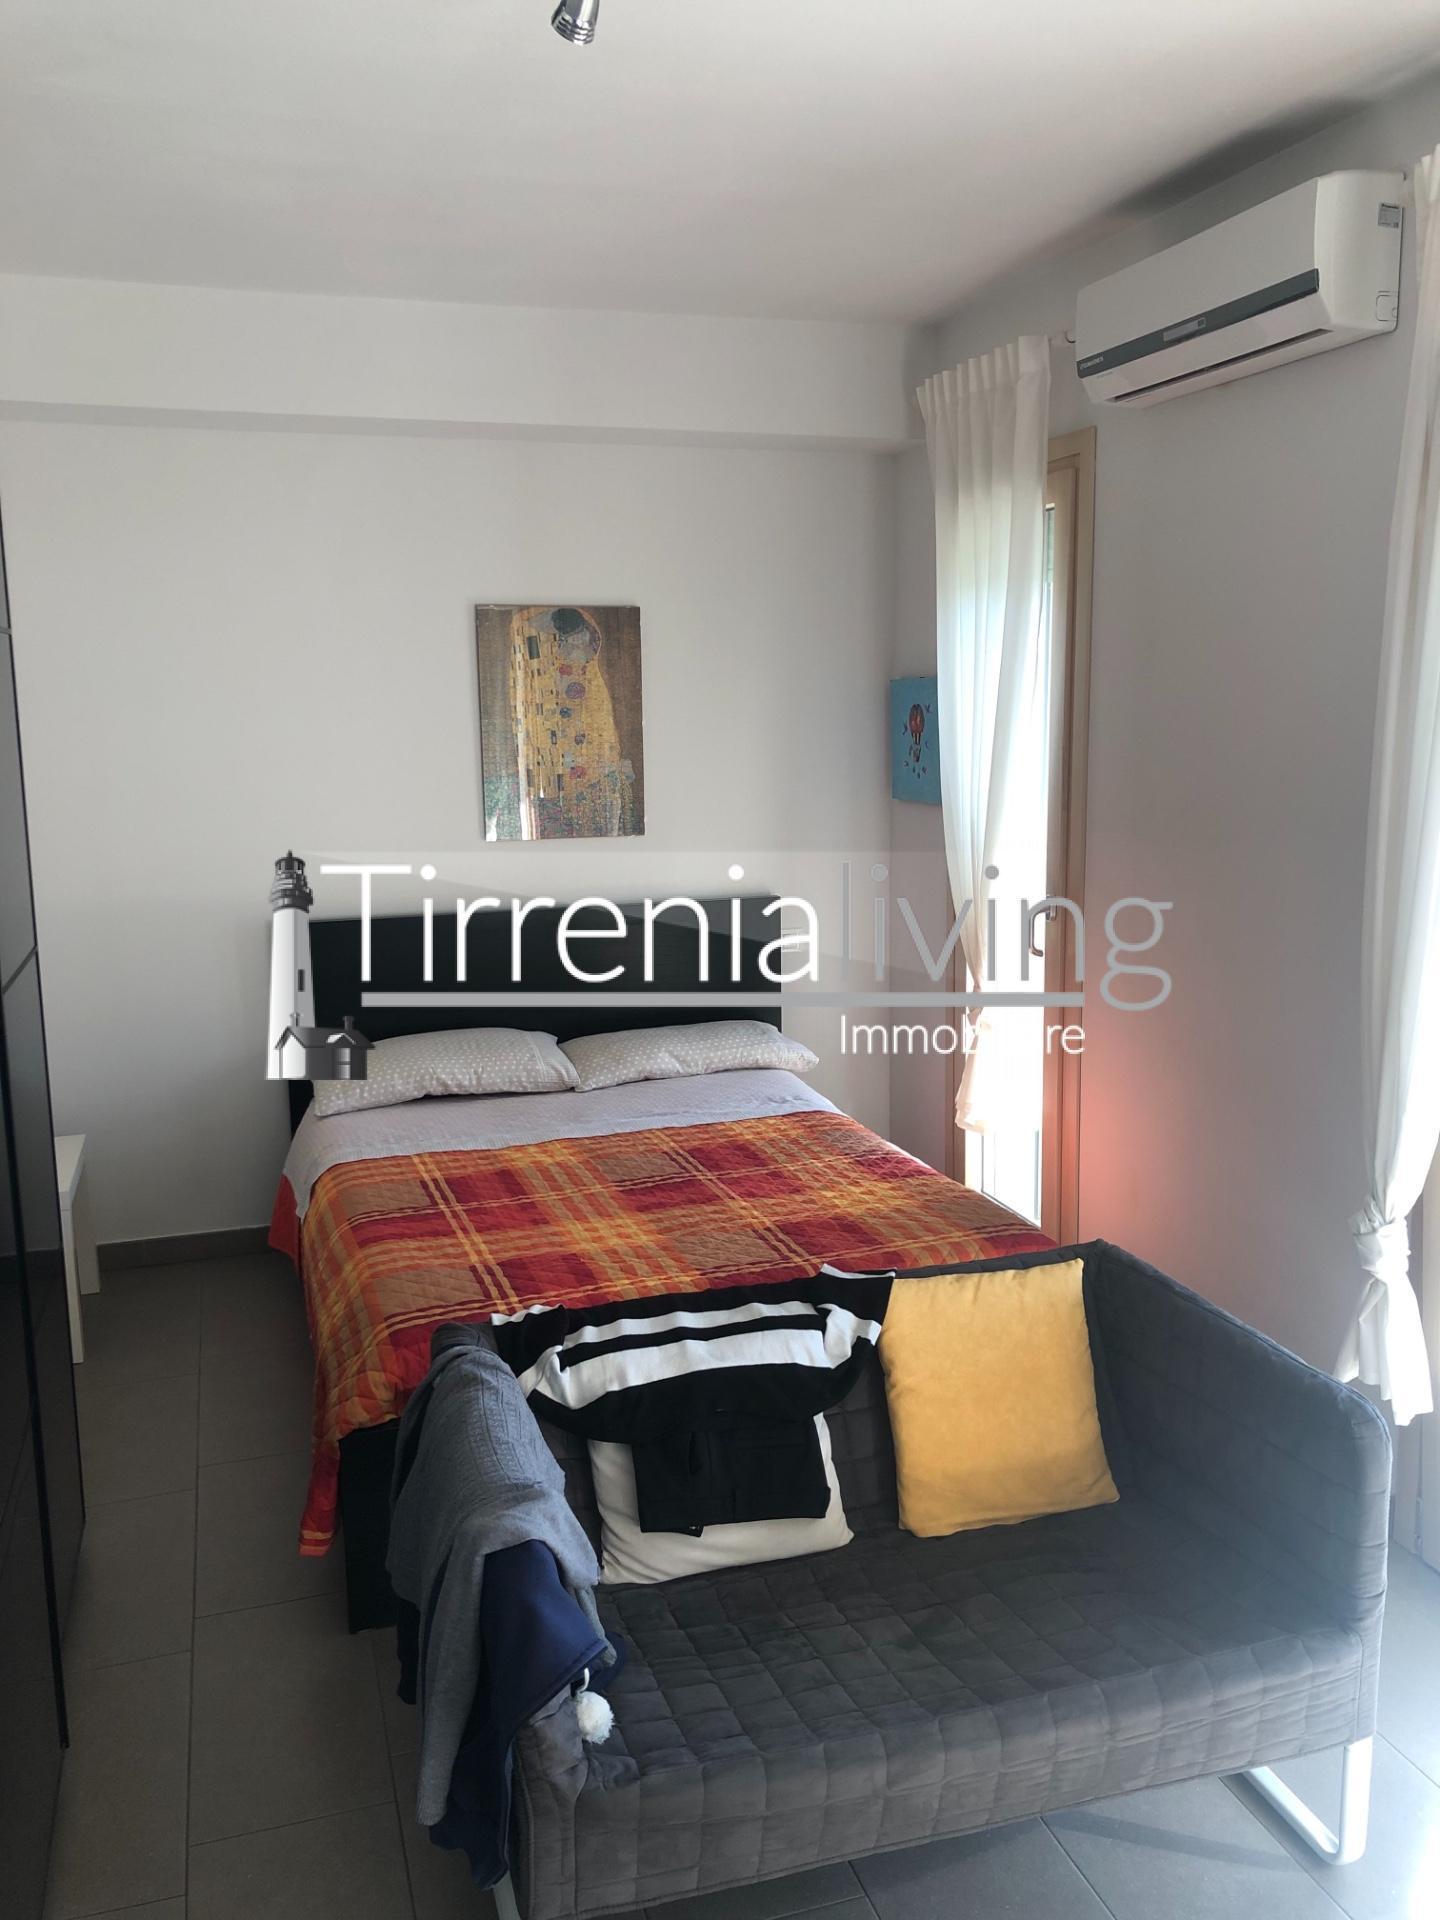 Appartamento in vendita, rif. C-502